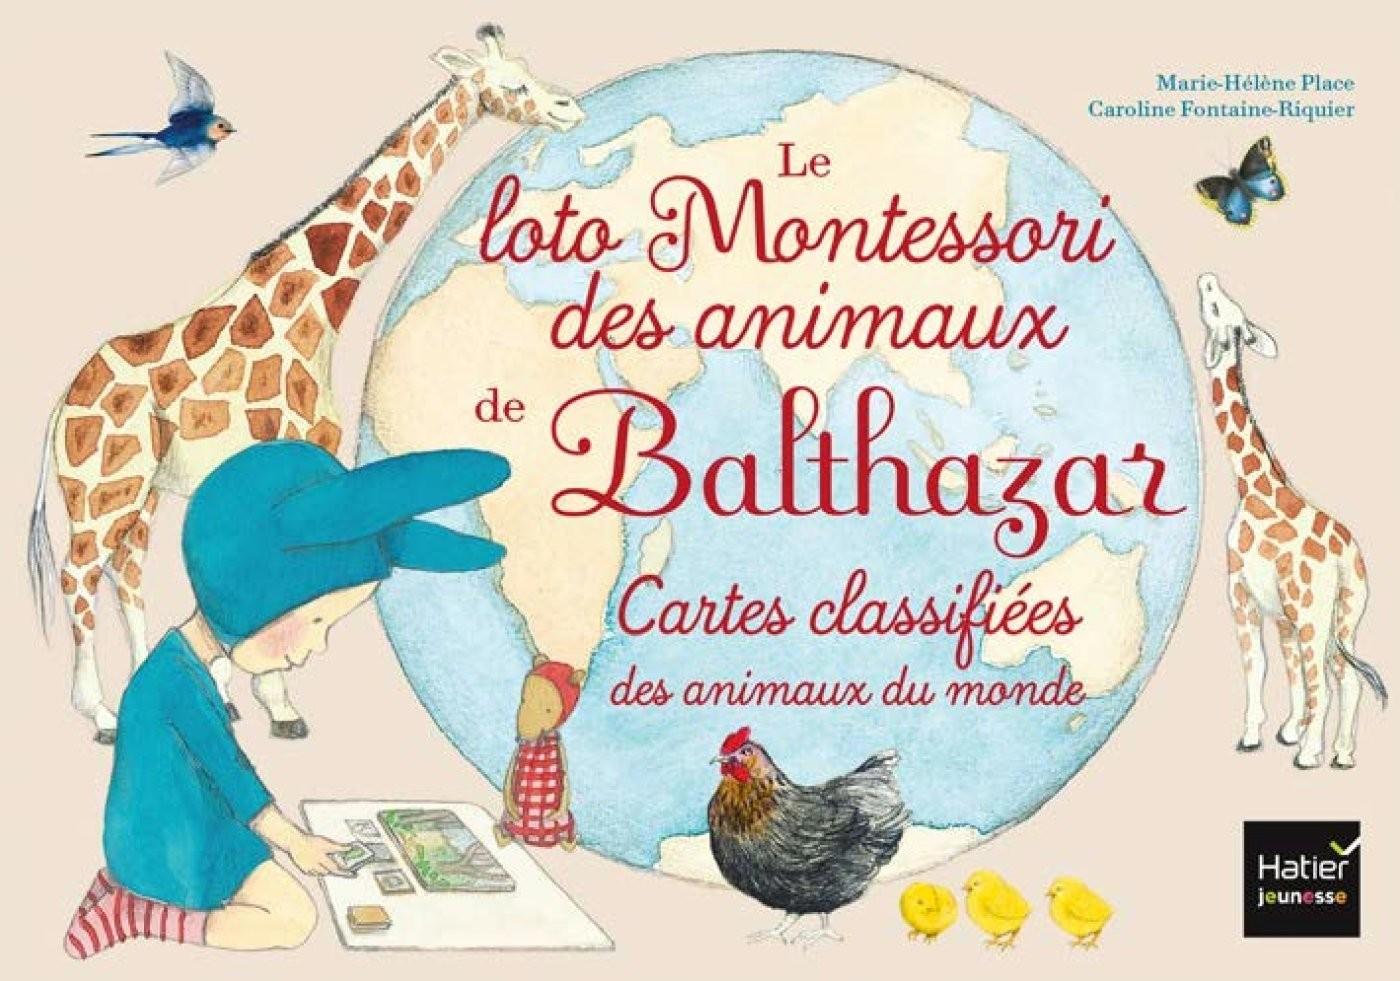 Calendrier Avent Balthazar.Le Loto Montessori De Balthazar Les Animaux Livre Balthazar